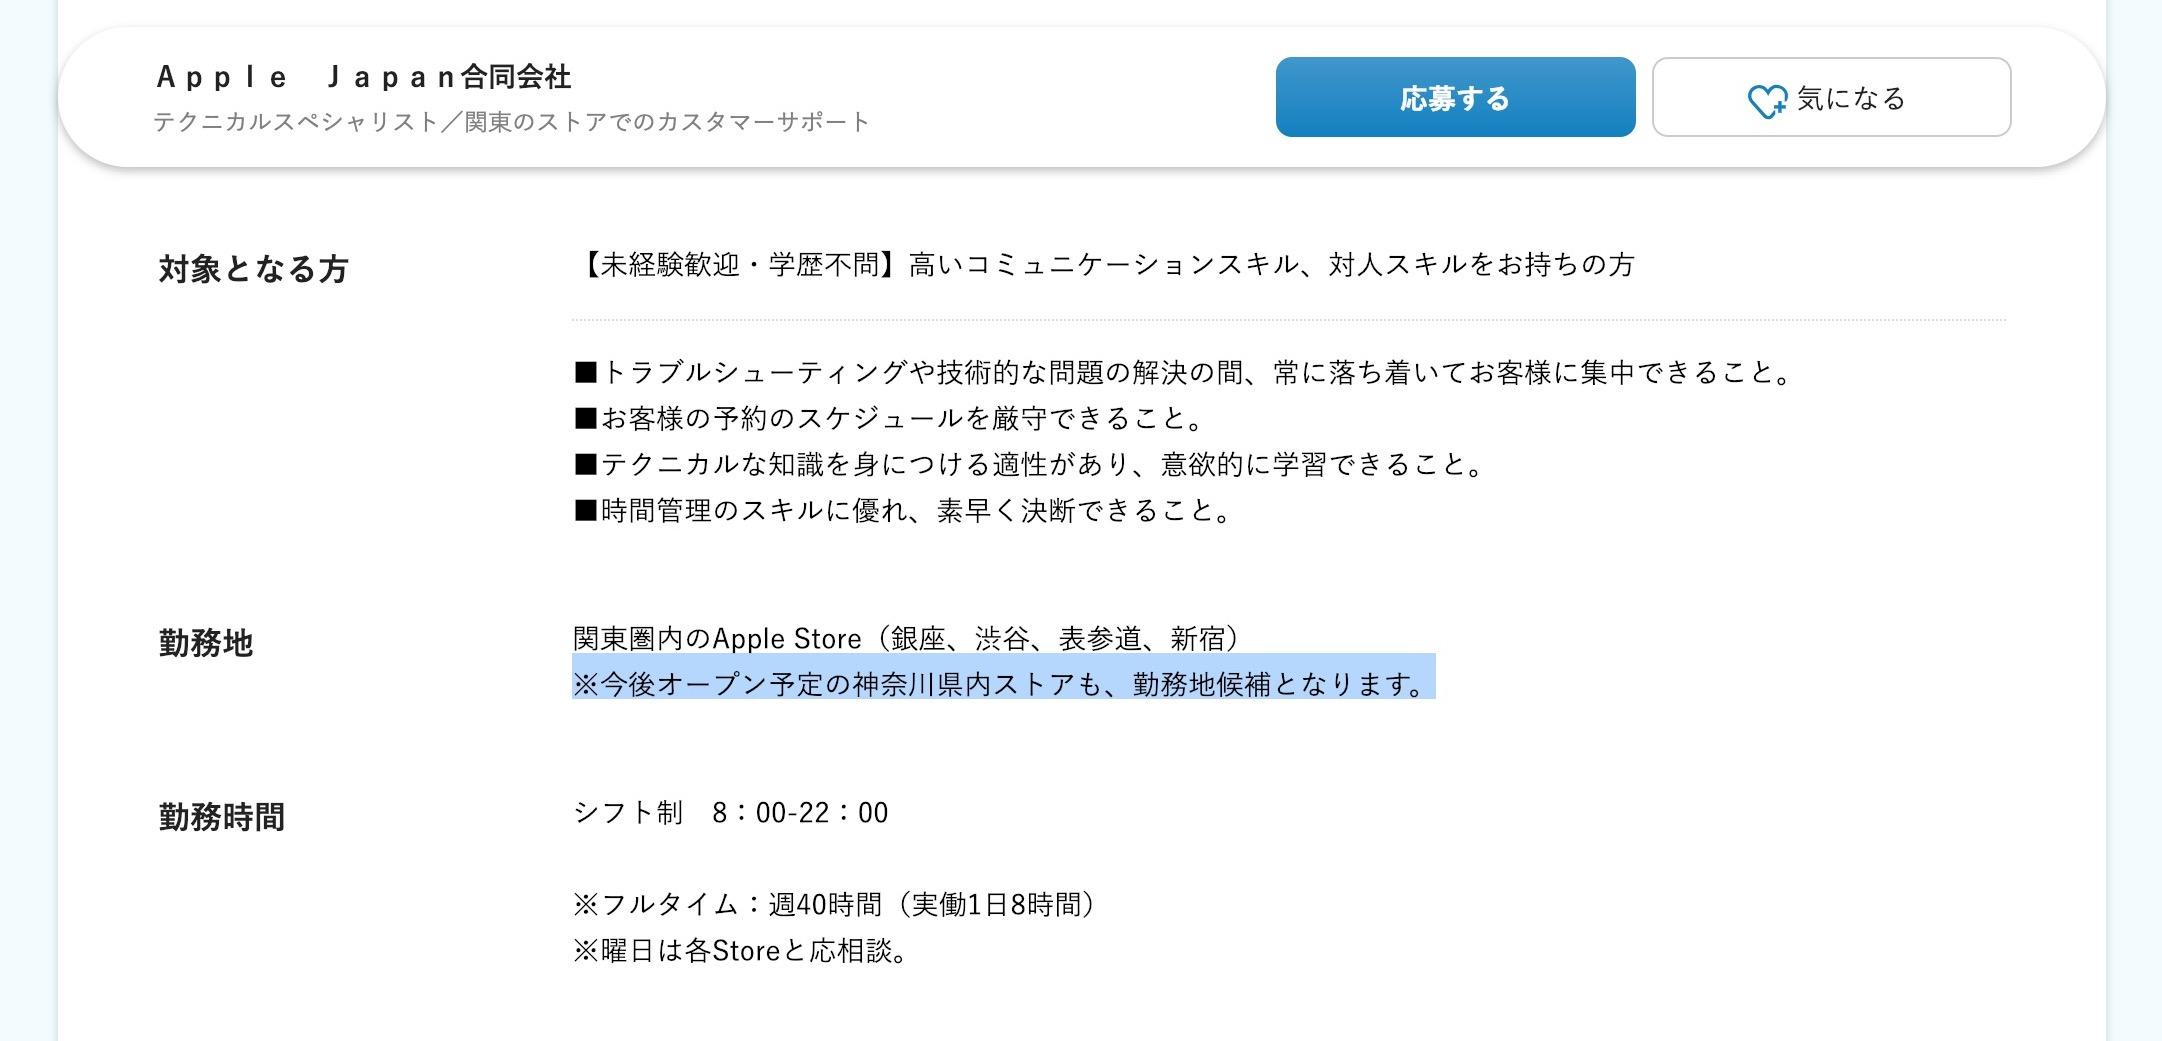 Apple、神奈川で新しいApple Storeのオープンを正式に認める